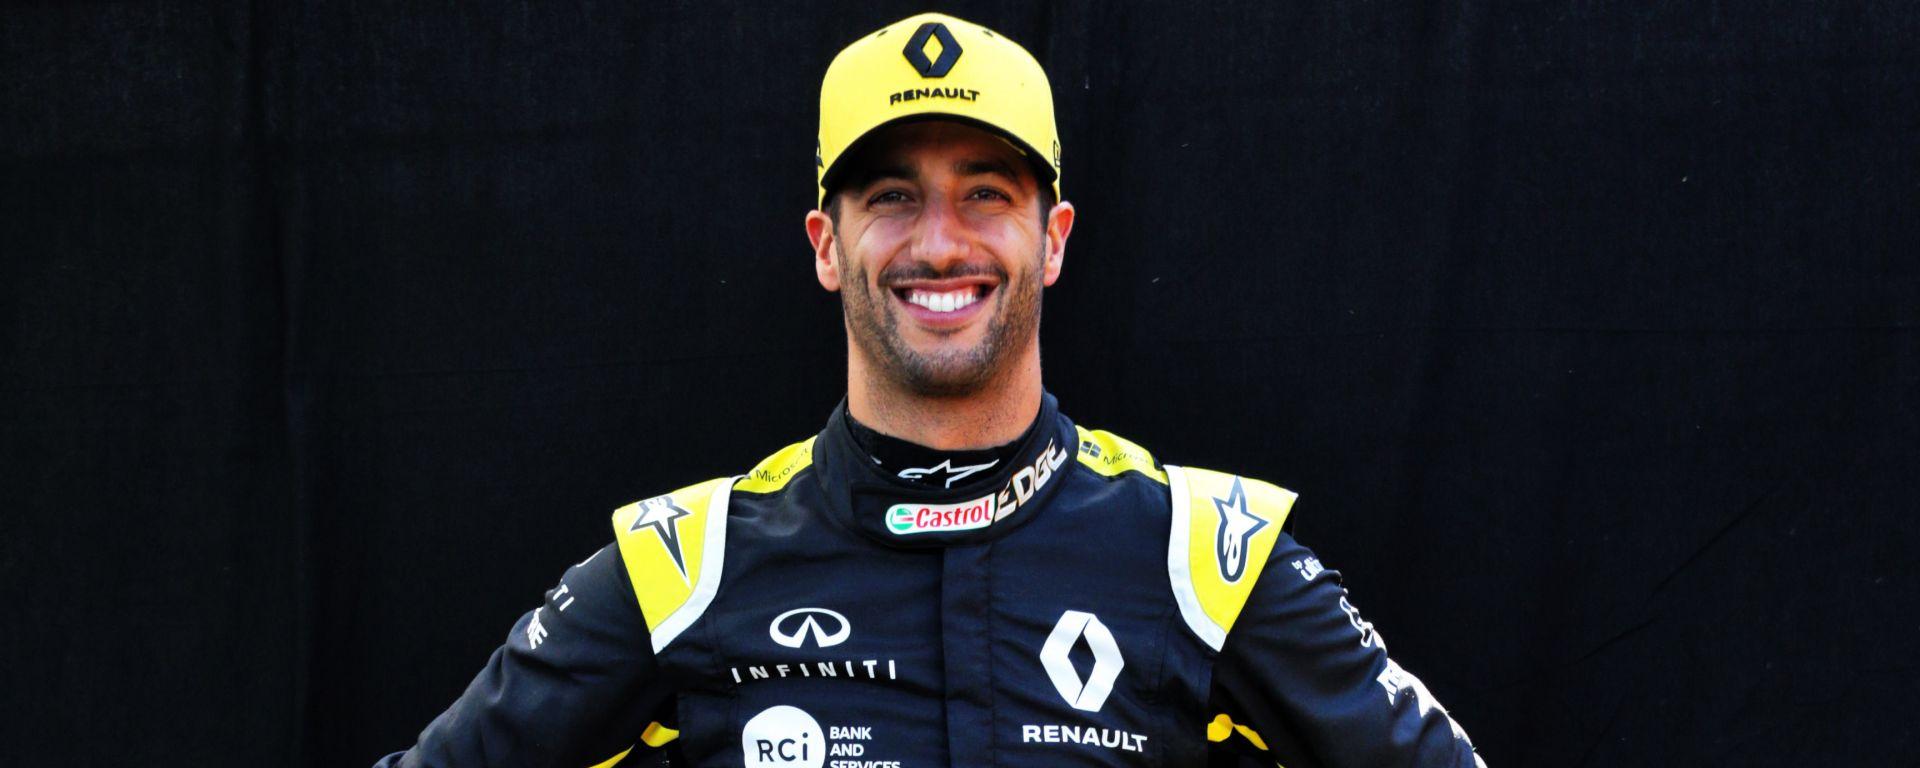 Daniel Ricciardo #3 F1 2019